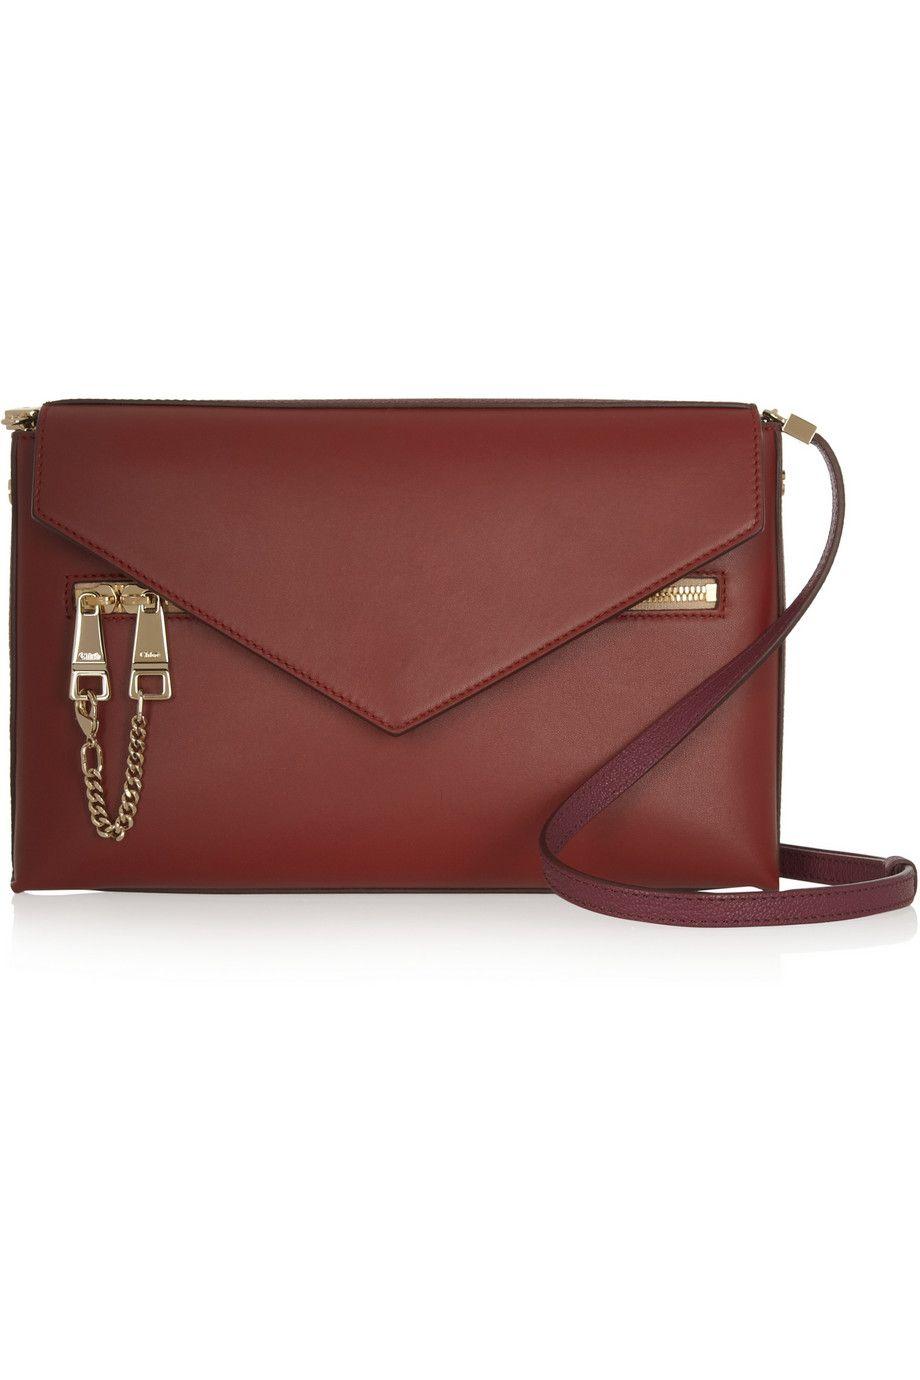 Chloé|Cassie medium leather shoulder bag|NET-A-PORTER.COM